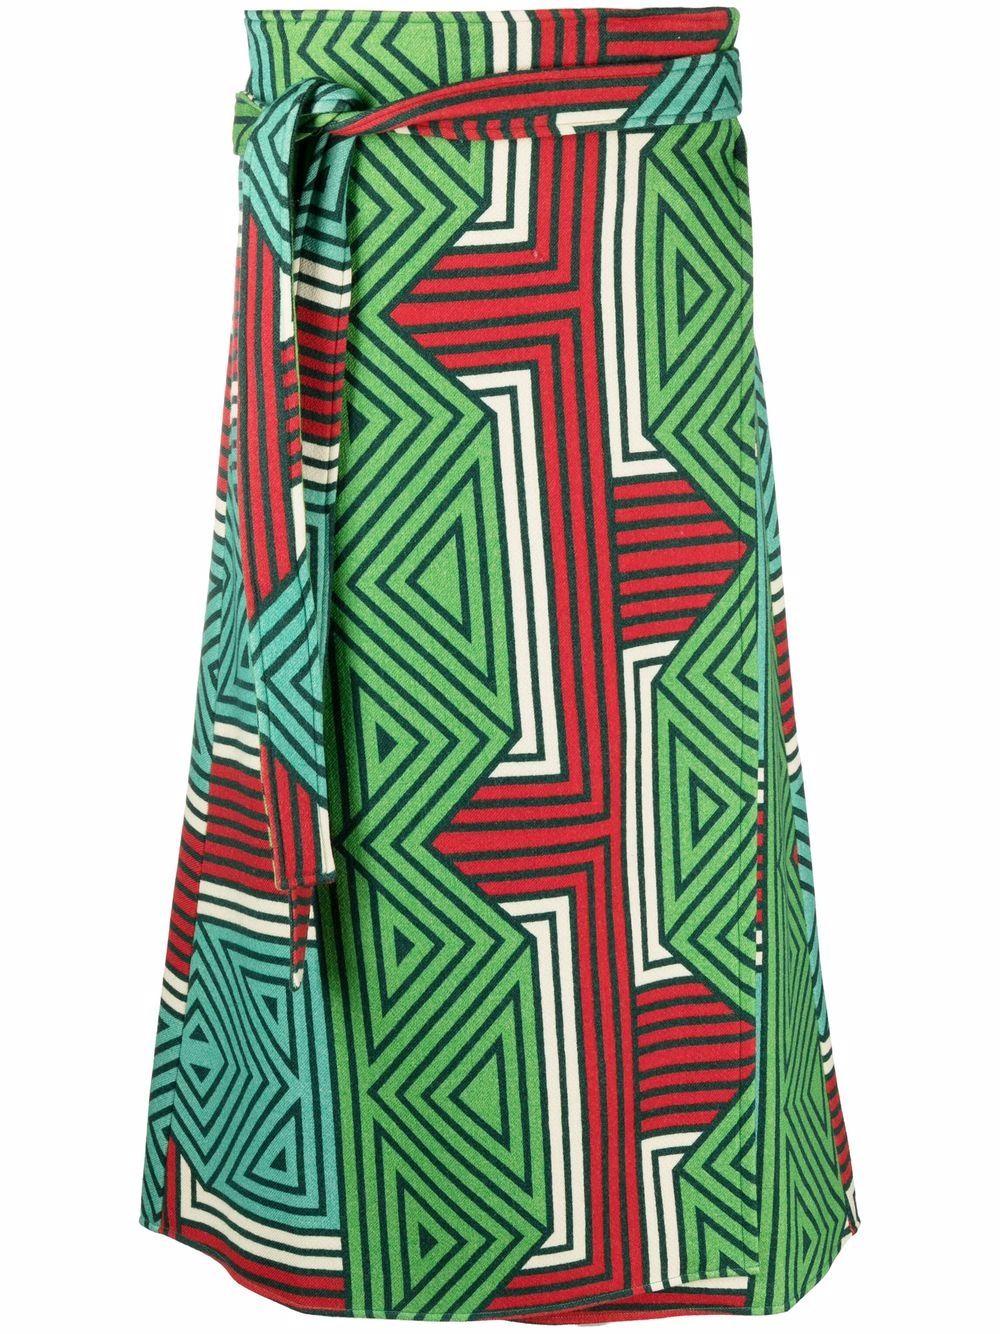 PIERRE LOUIS MASCIA | Skirt | PANCAKE11186121977